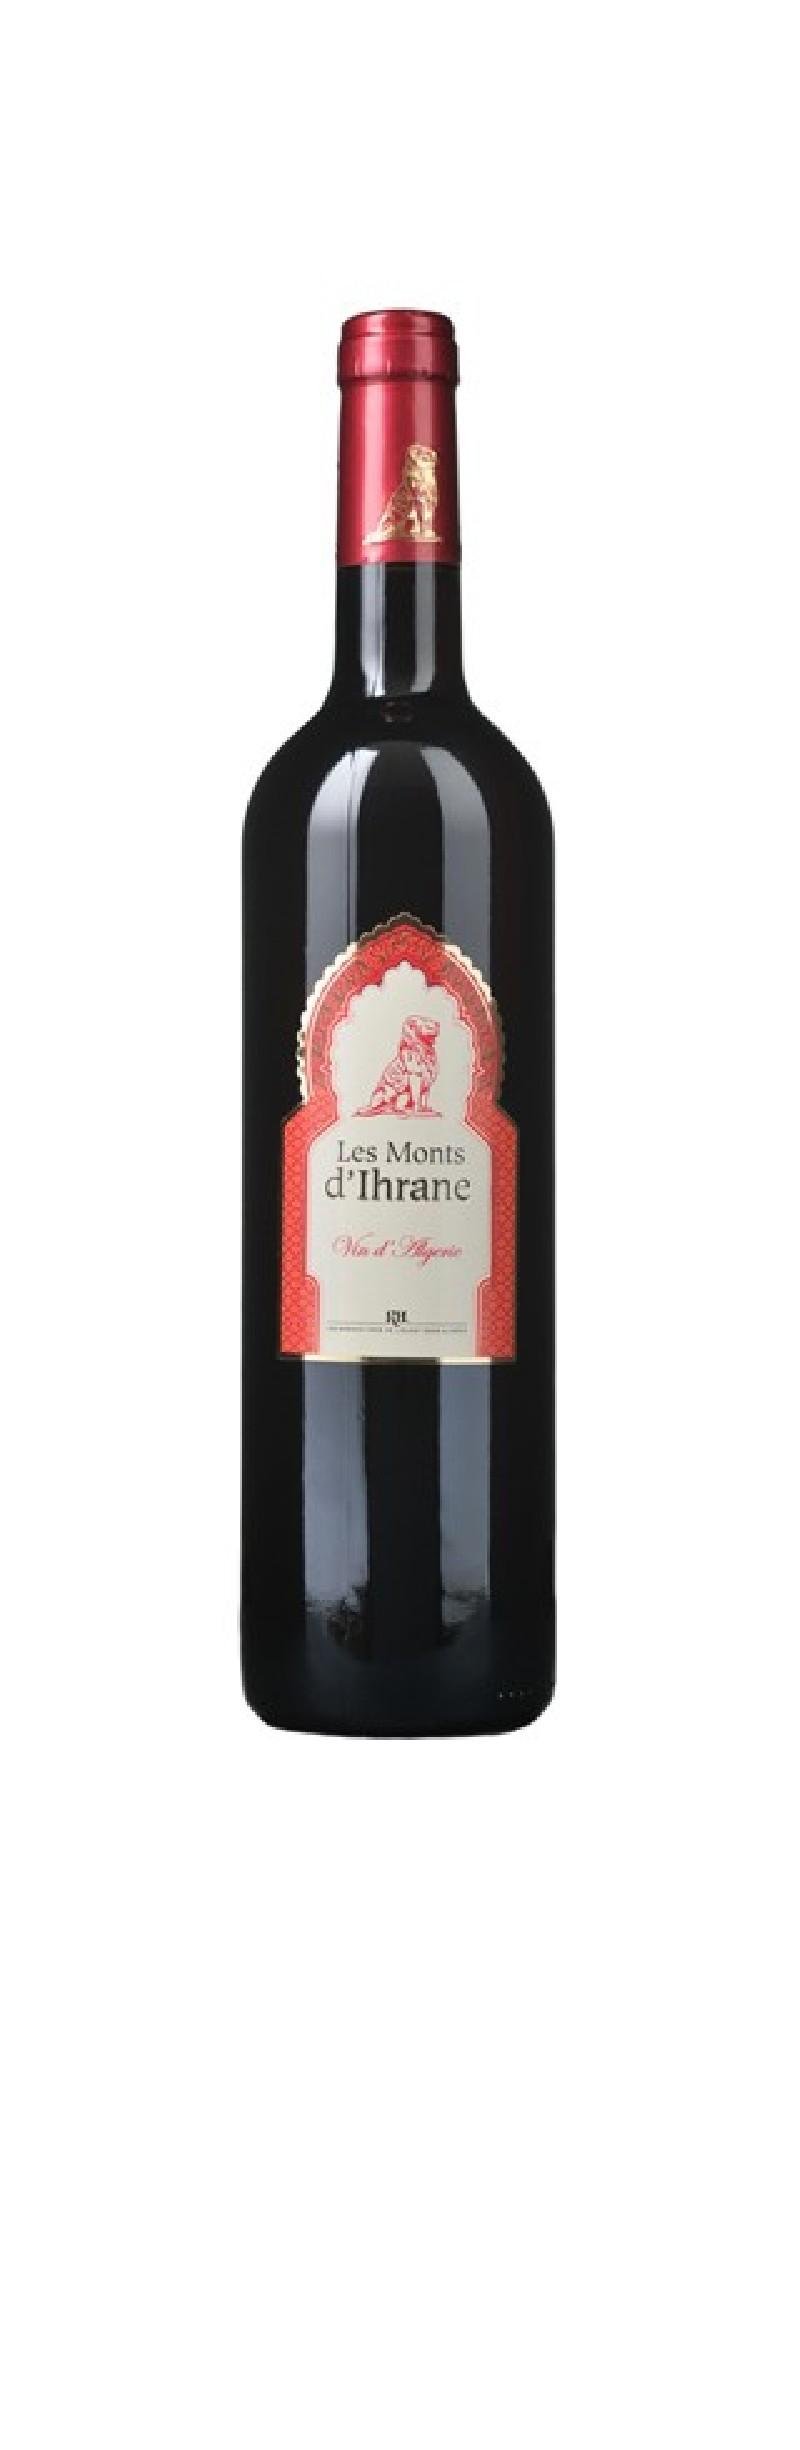 monts d 39 ihrane vin rouge algerien. Black Bedroom Furniture Sets. Home Design Ideas